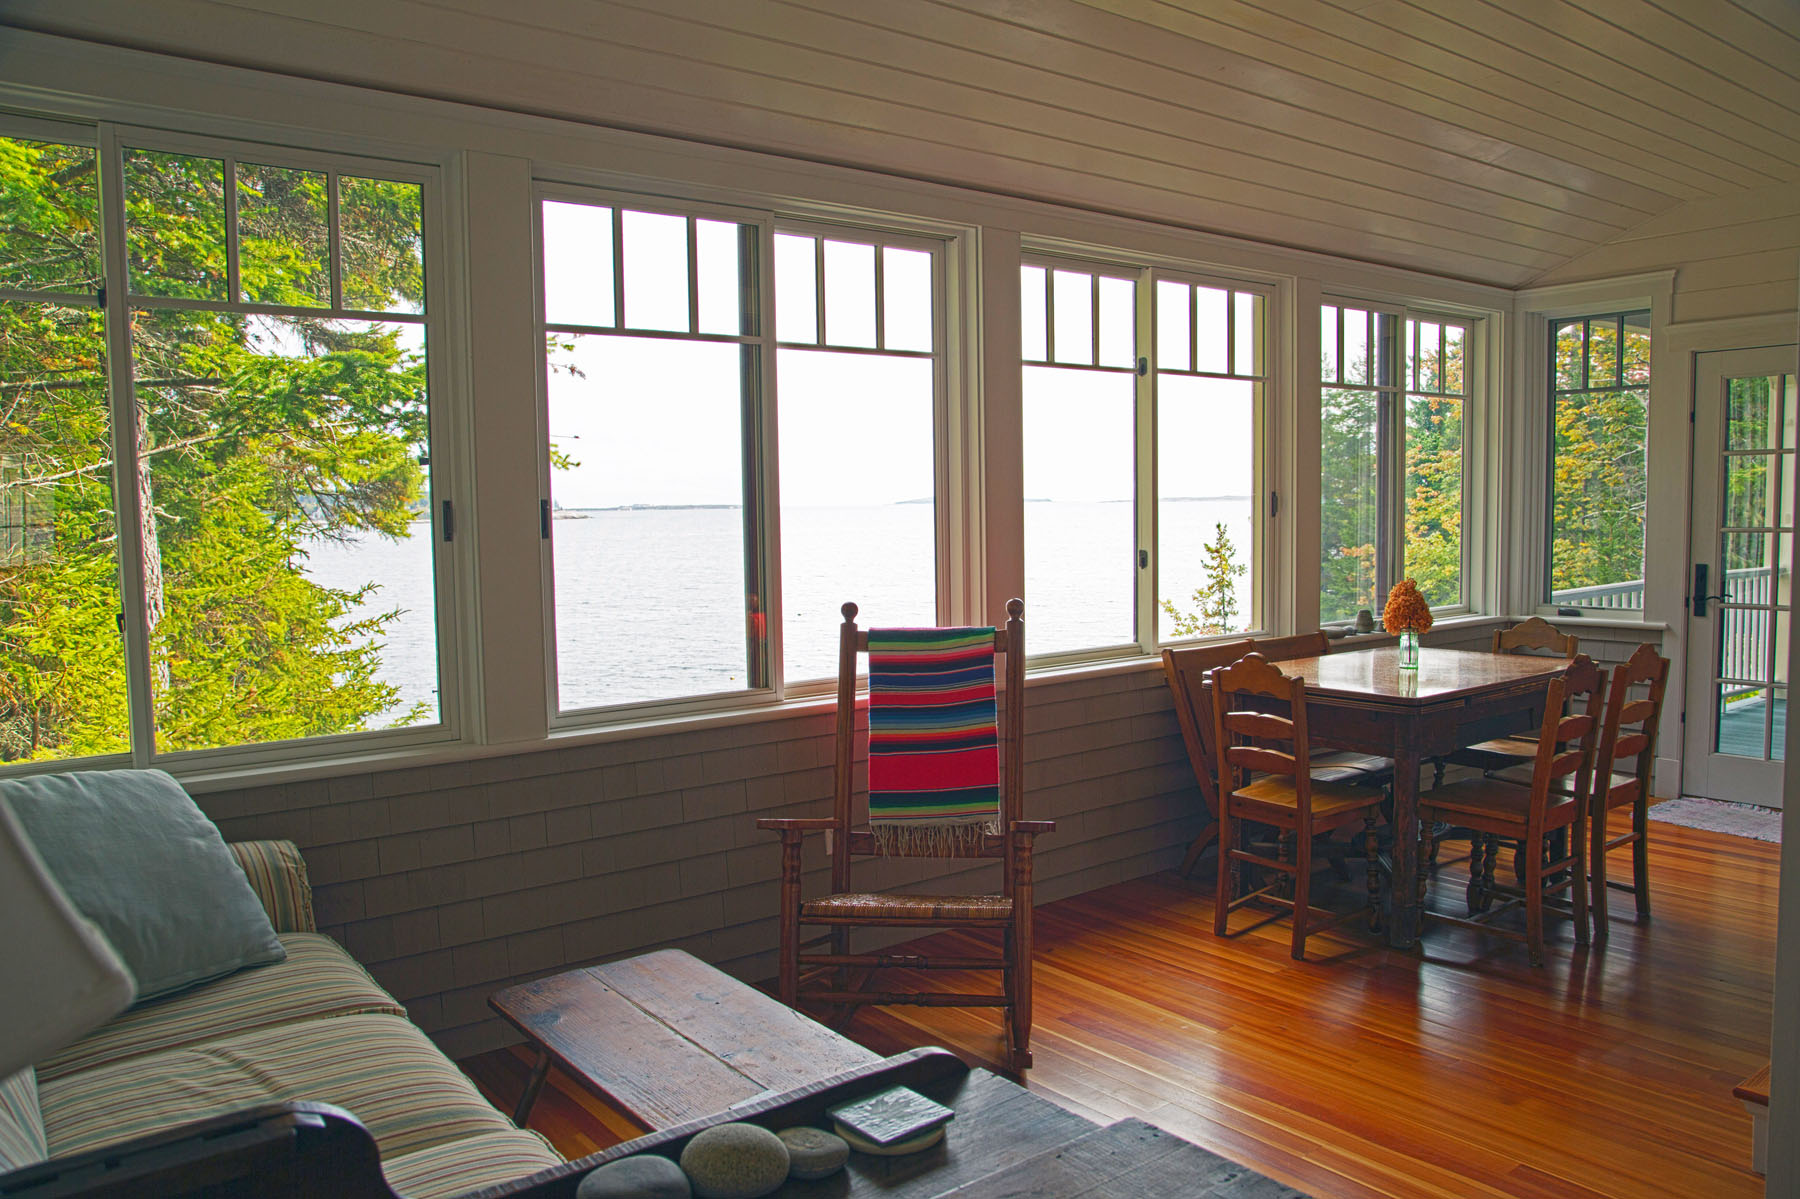 interior porch 1 - Copy - Copy.jpg